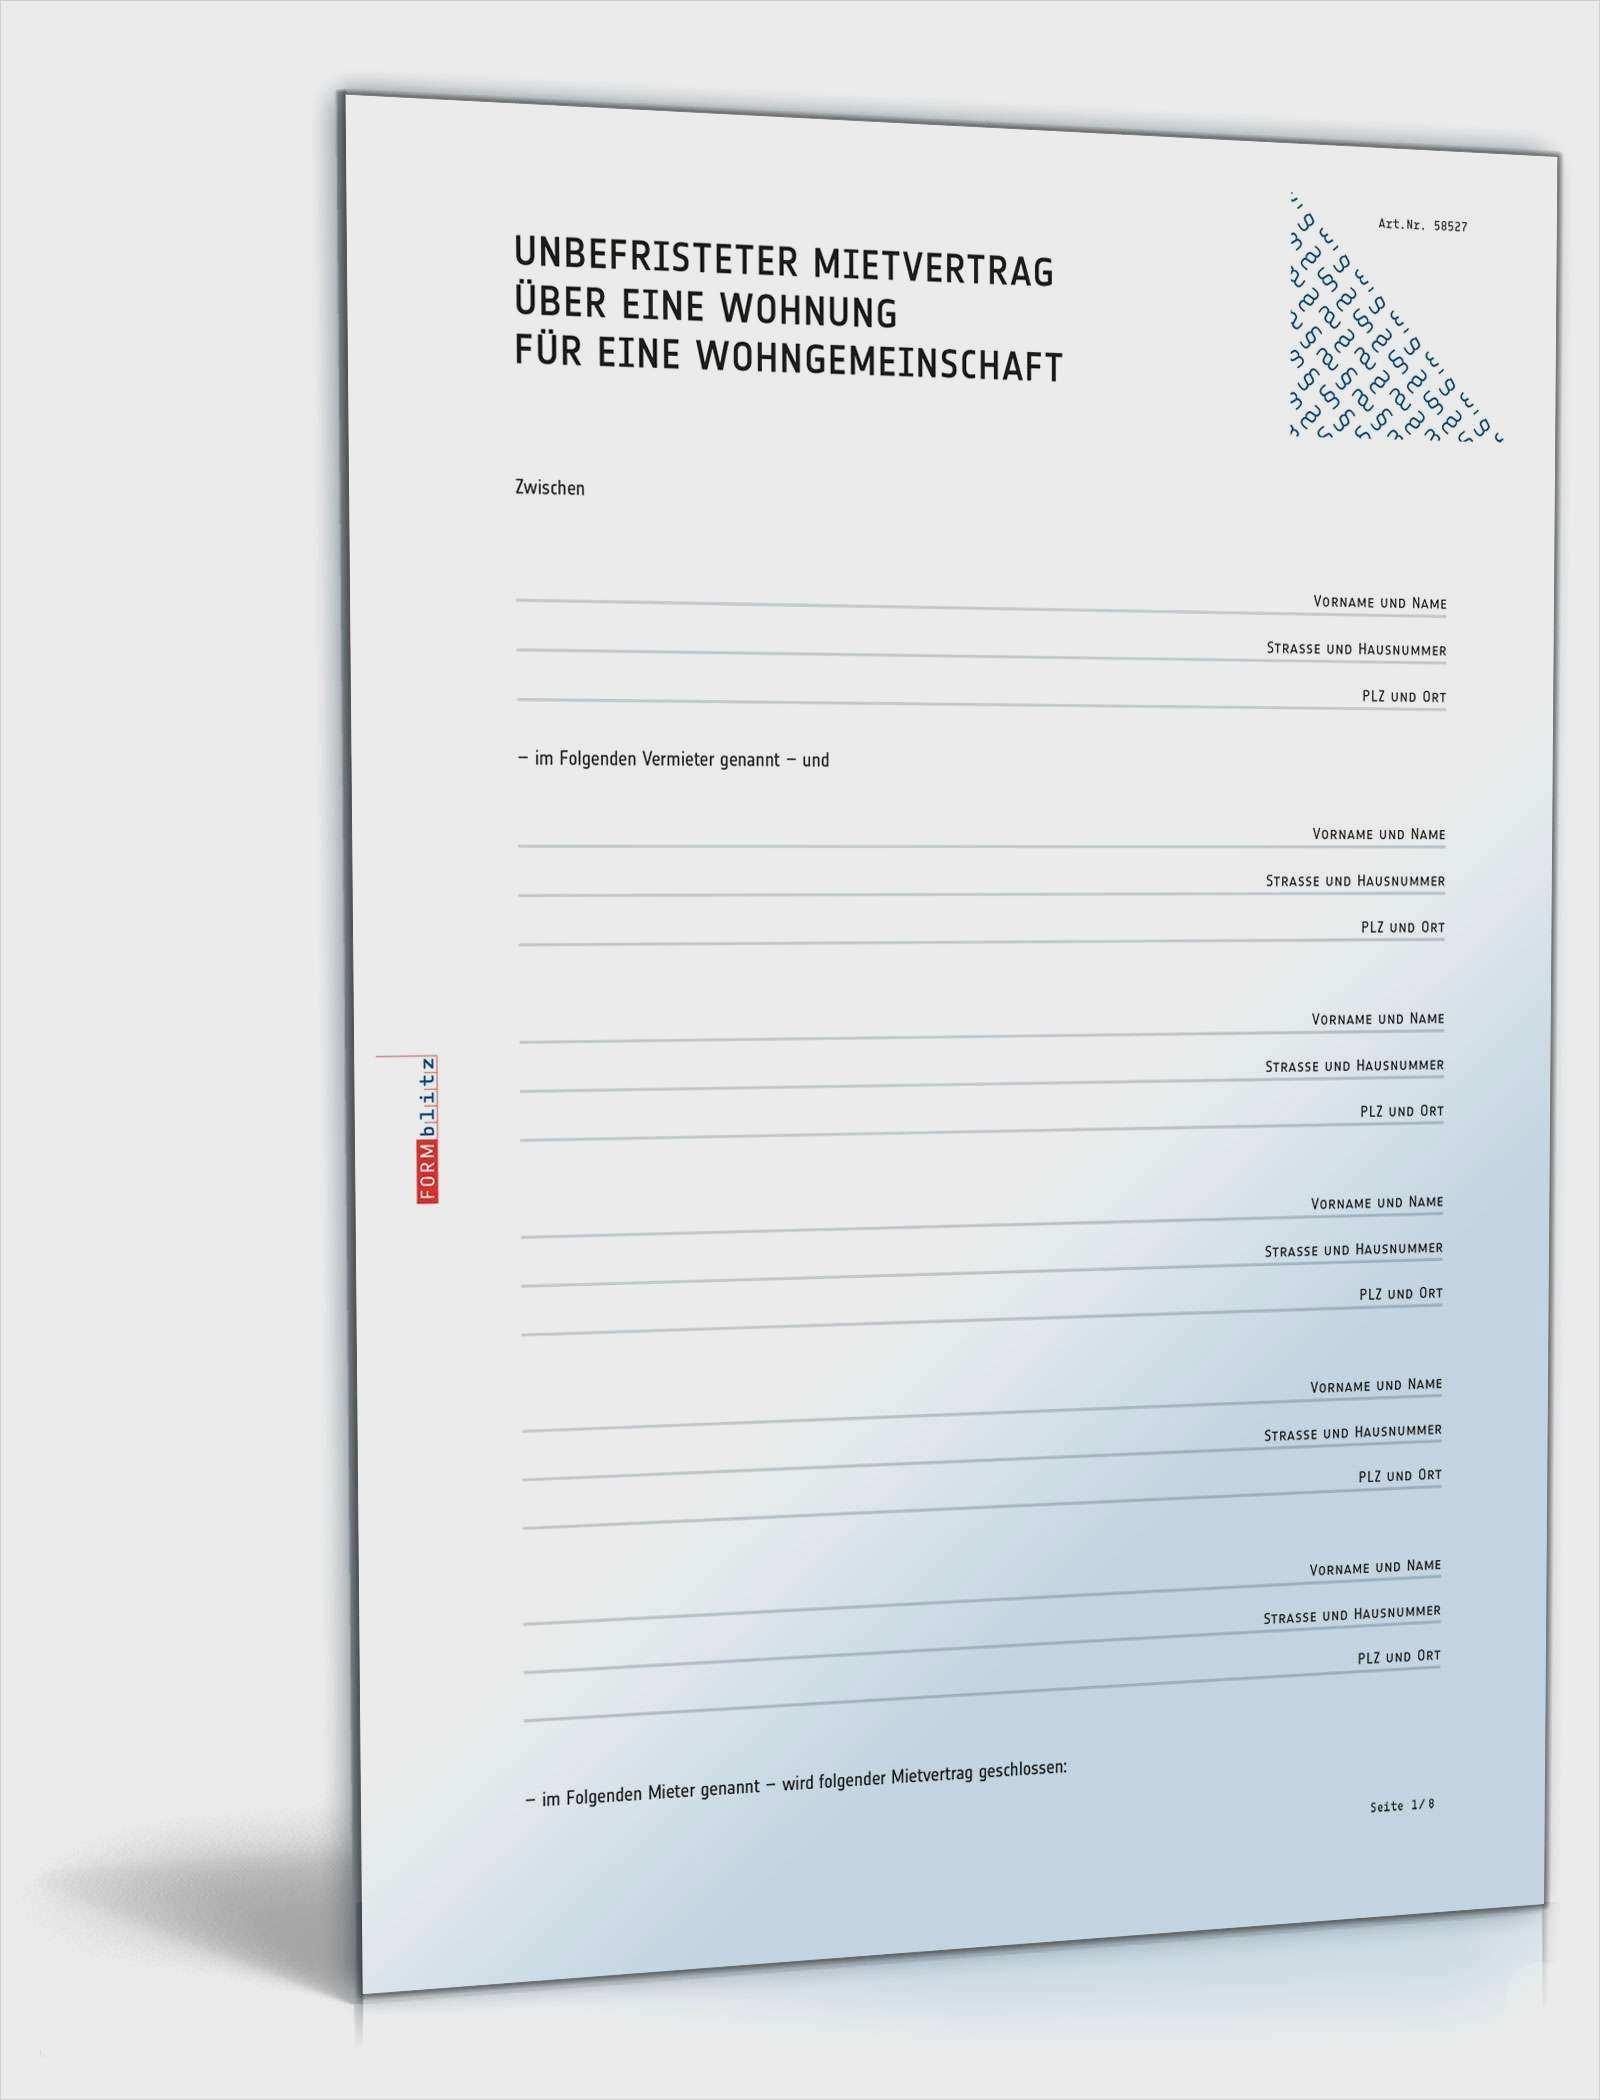 Wg Mietvertrag Vorlage 29 Beste Diese Konnen Adaptieren In Ms Word Gesellschaftsvertrag Vorlagen Vertrag